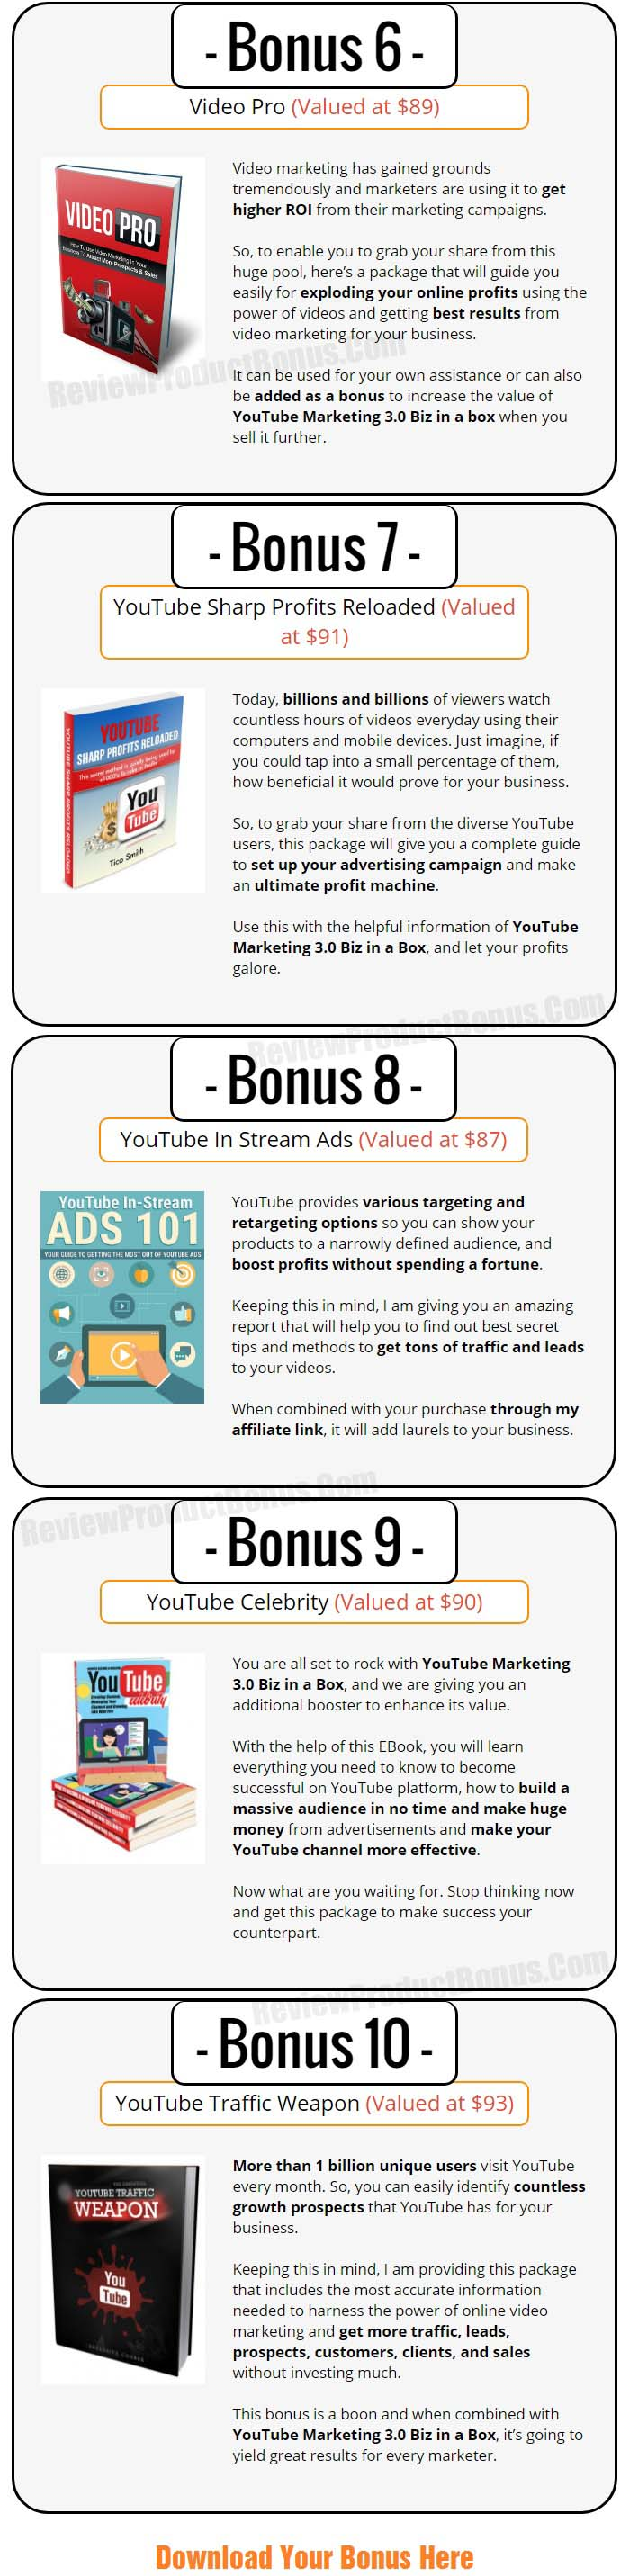 YouTube Marketing 3.0 Bonuses